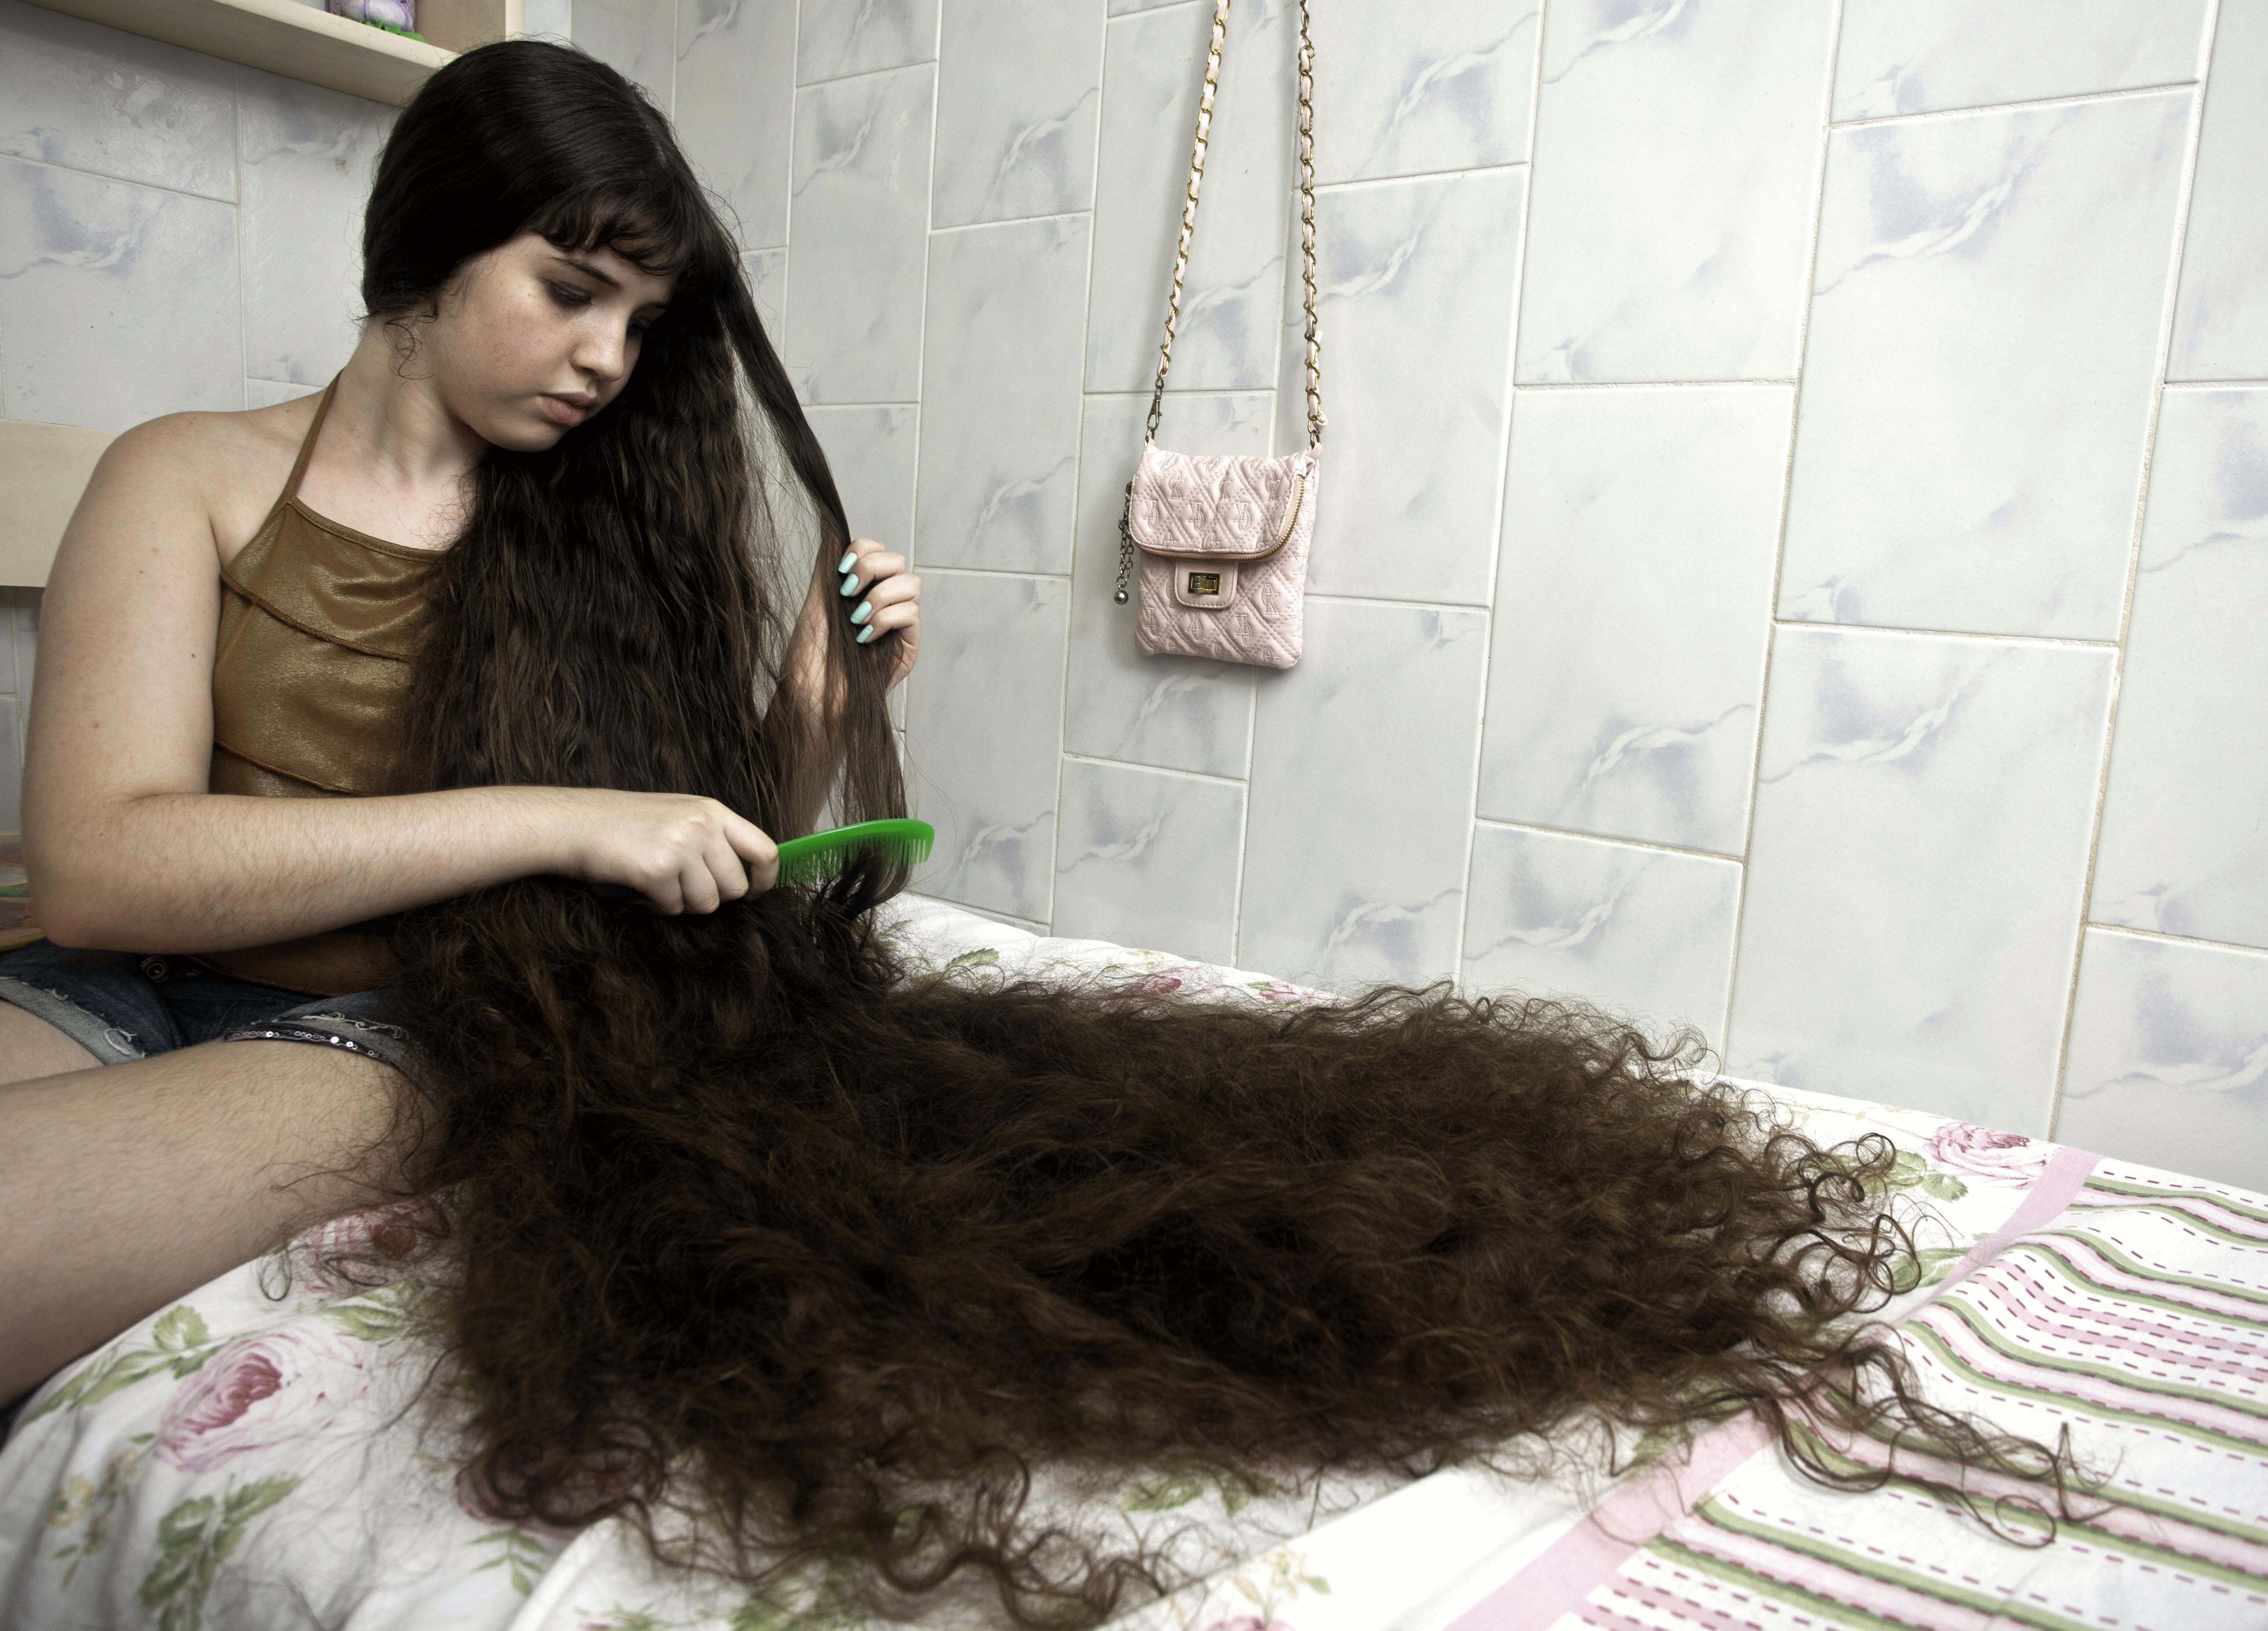 Волосы светлые во сне видеть — это говорит о преобладании правой янской хранящей сексуальную энергию почки над левой.